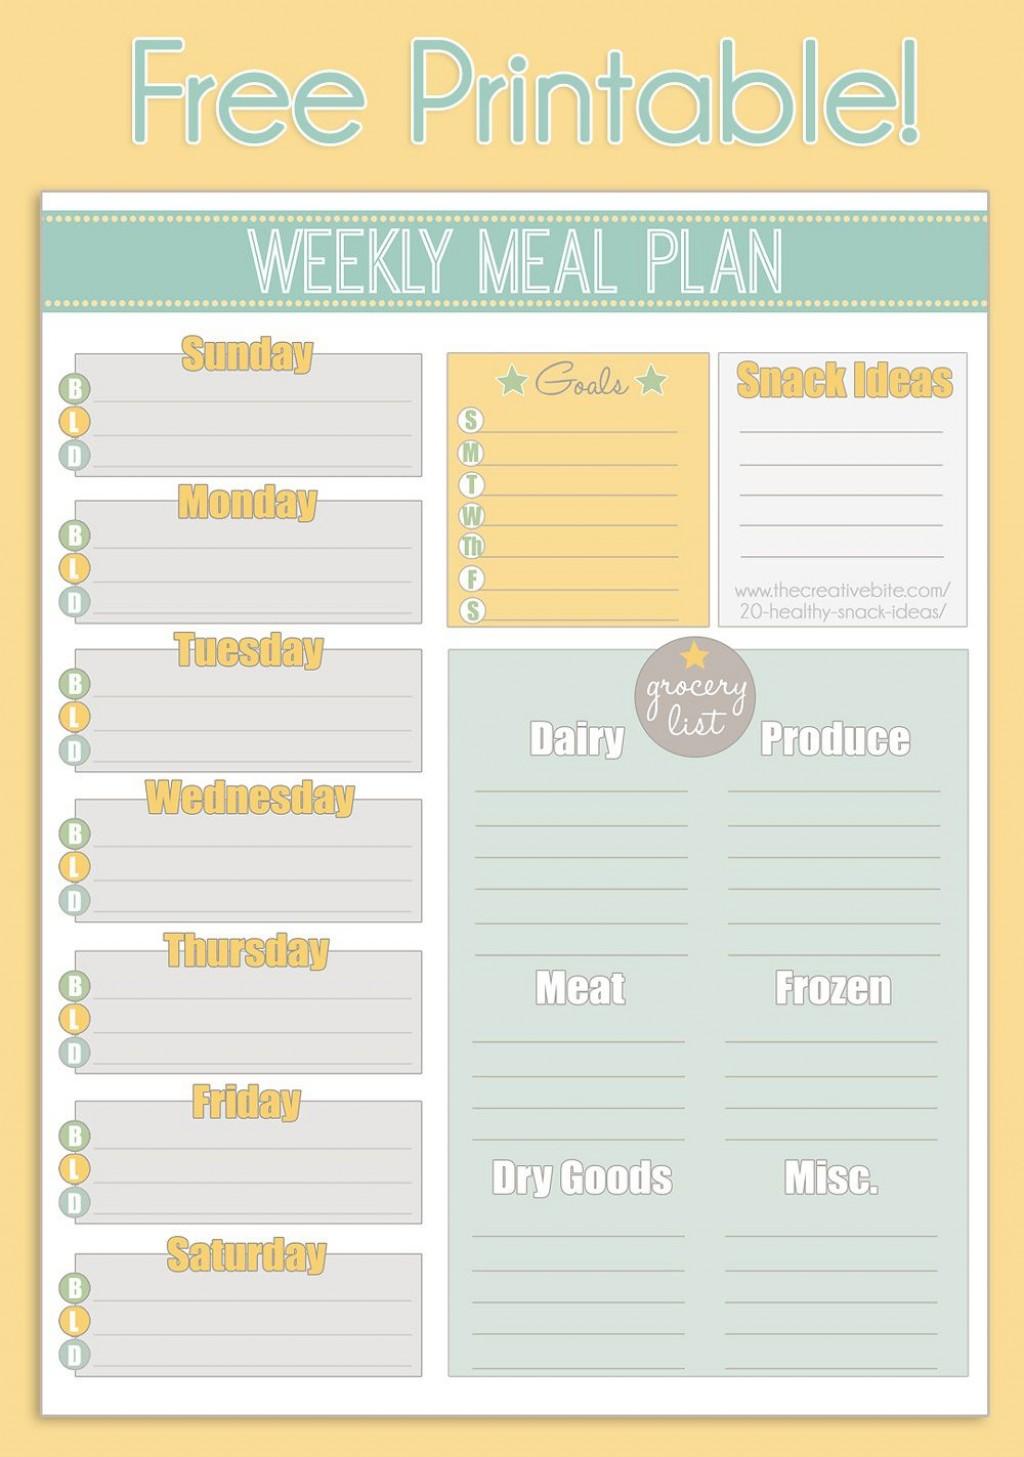 008 Striking Weekly Meal Plan Template App High Def  Apple PageLarge